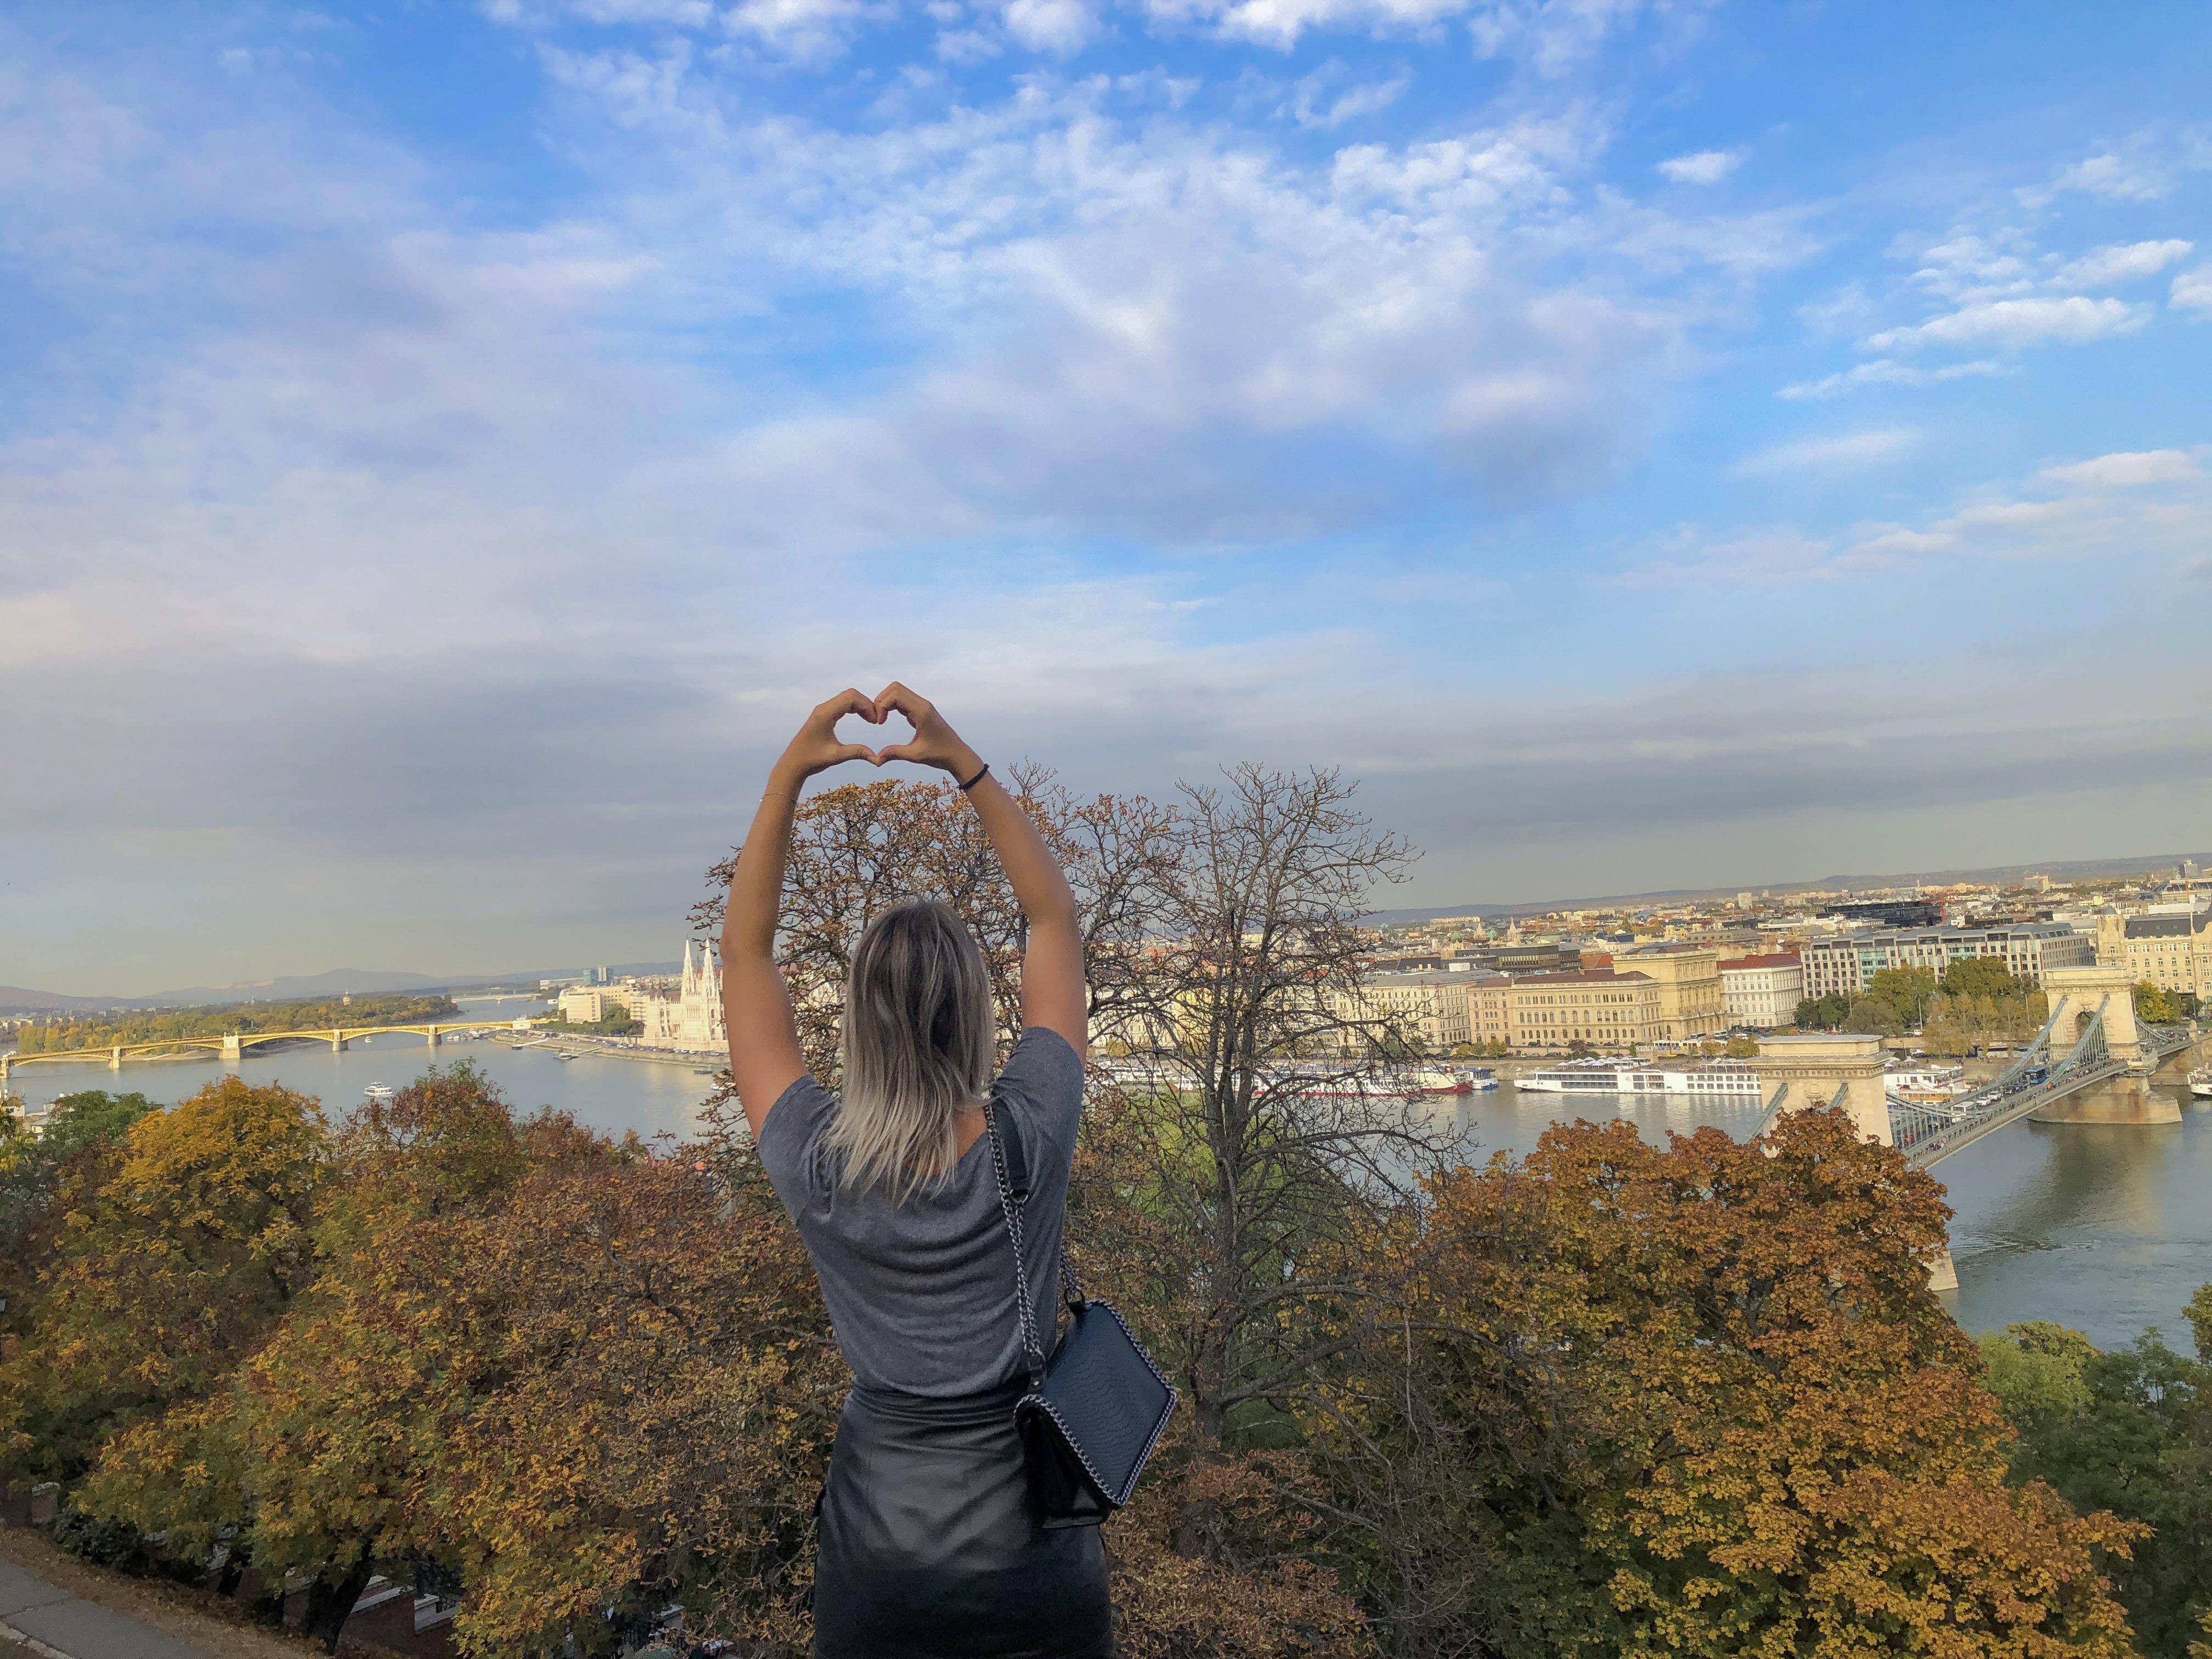 Castelo de buda - Buda Castle - Budapeste